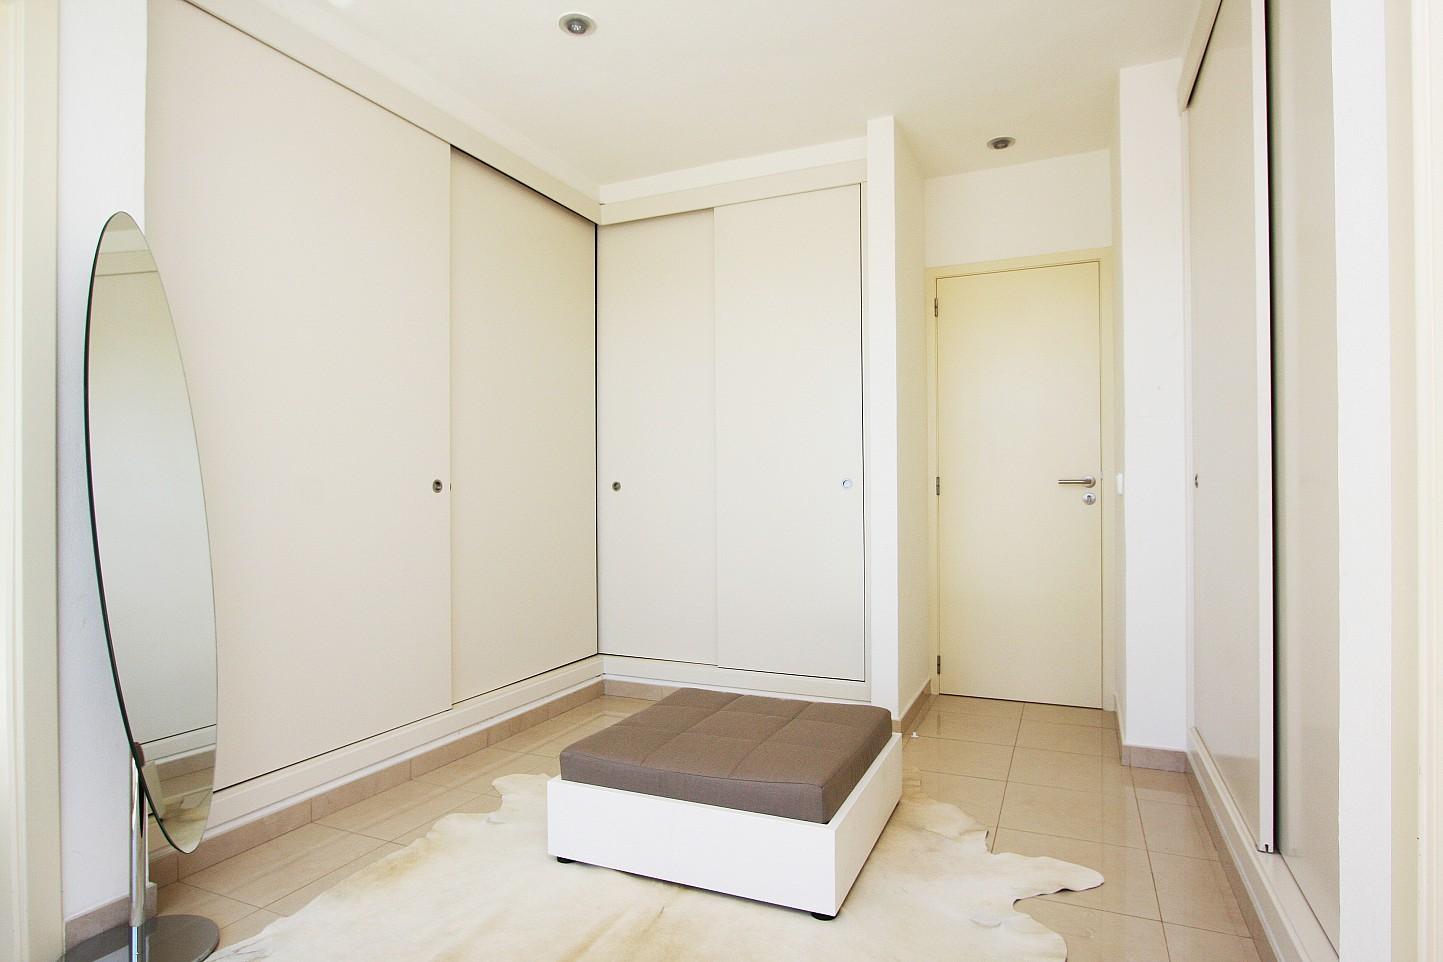 Armaris encastellats en un dels dormitoris